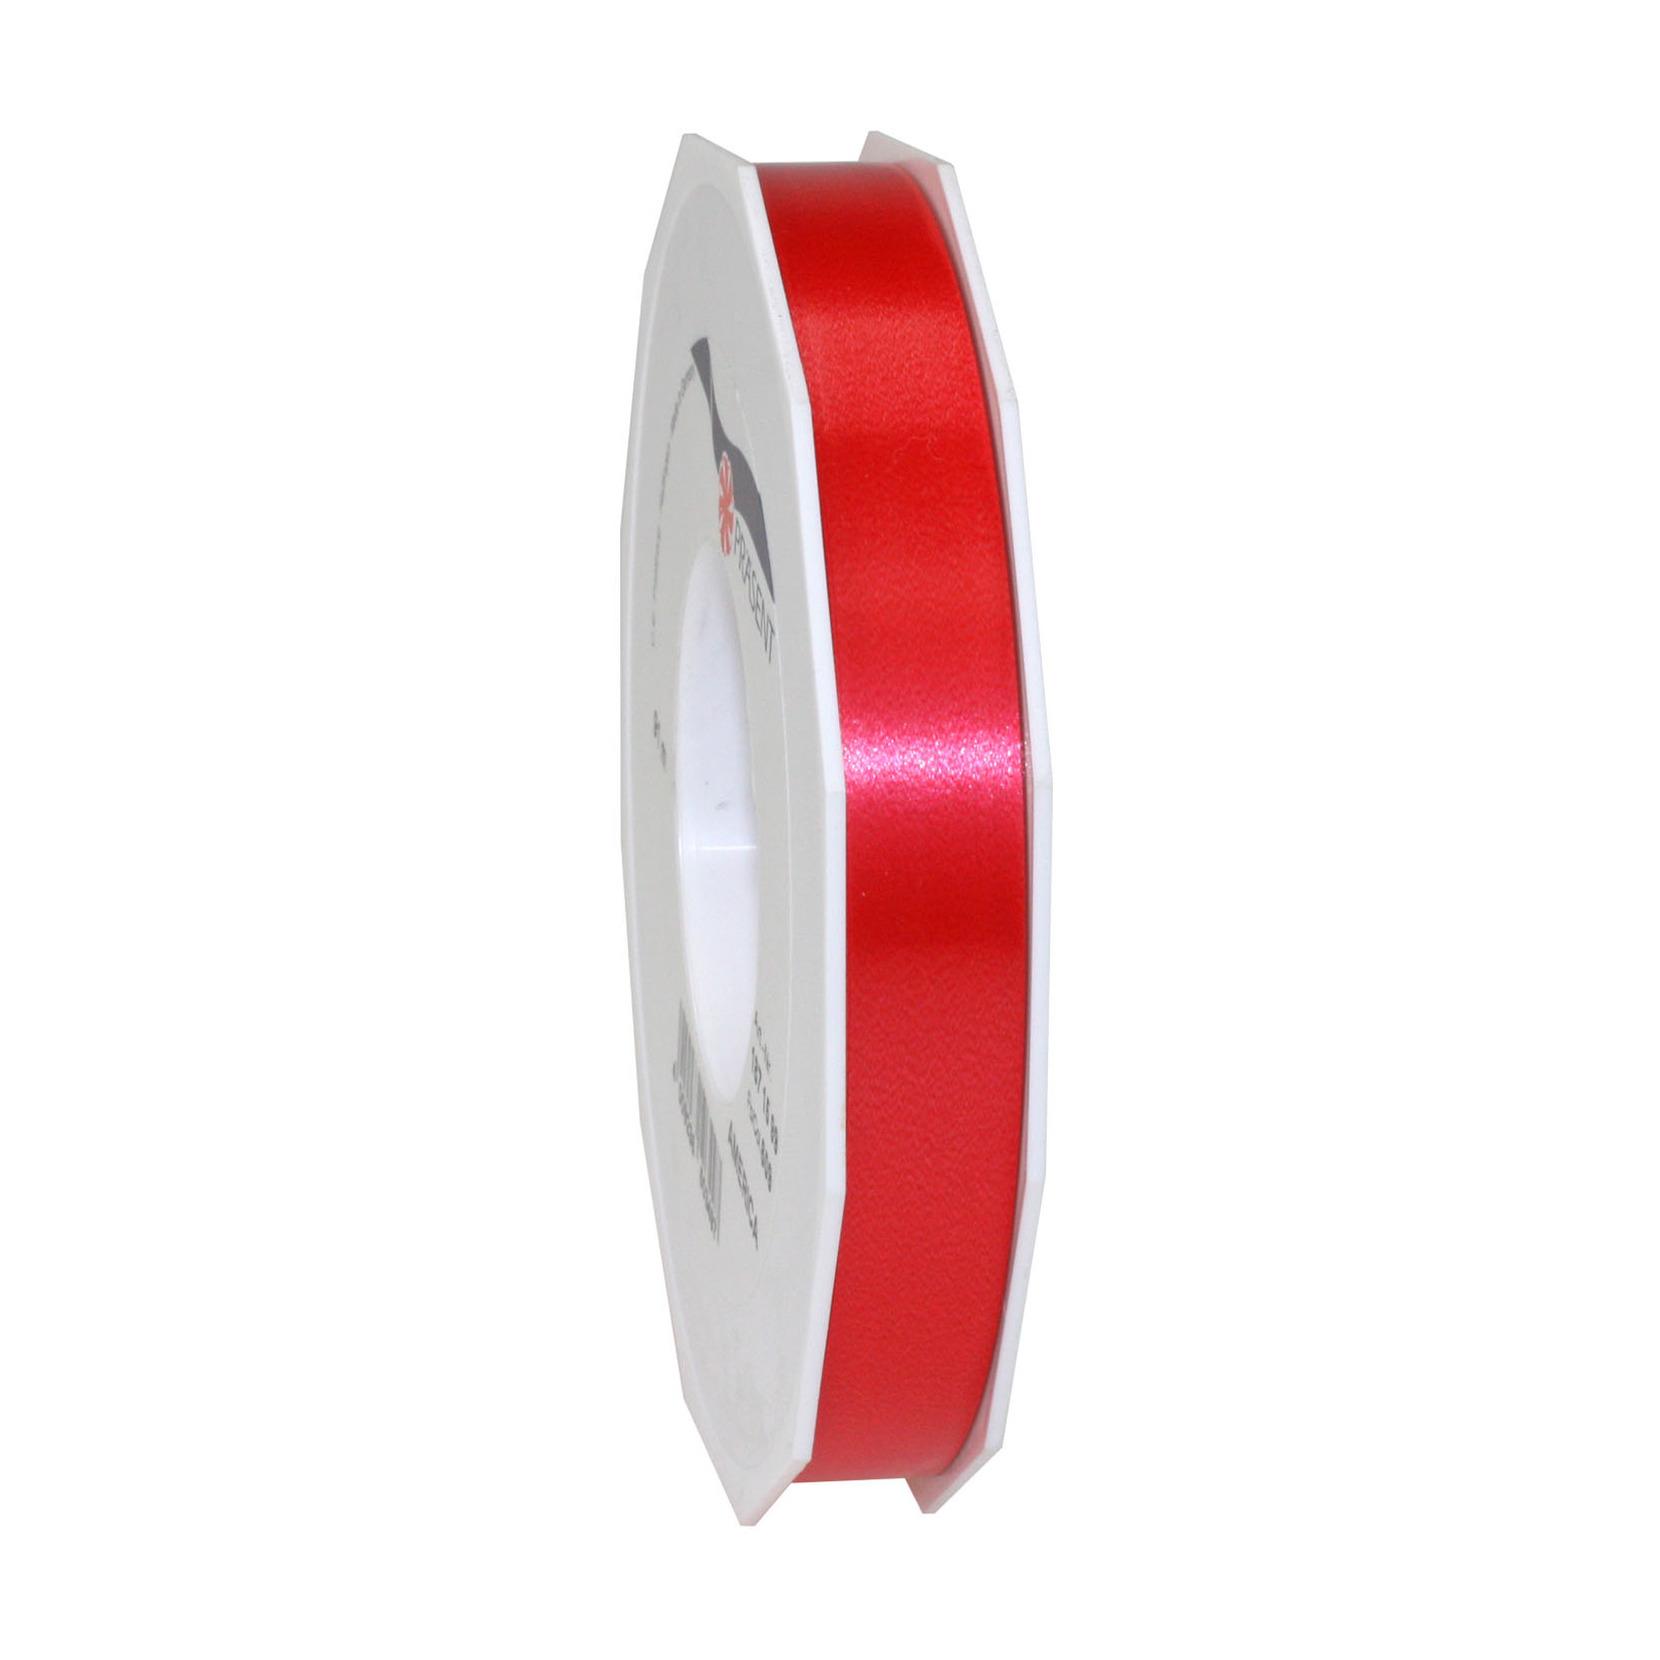 1x Luxe rode kunststof lint rollen 1,5 cm x 91 meter cadeaulint verpakkingsmateriaal